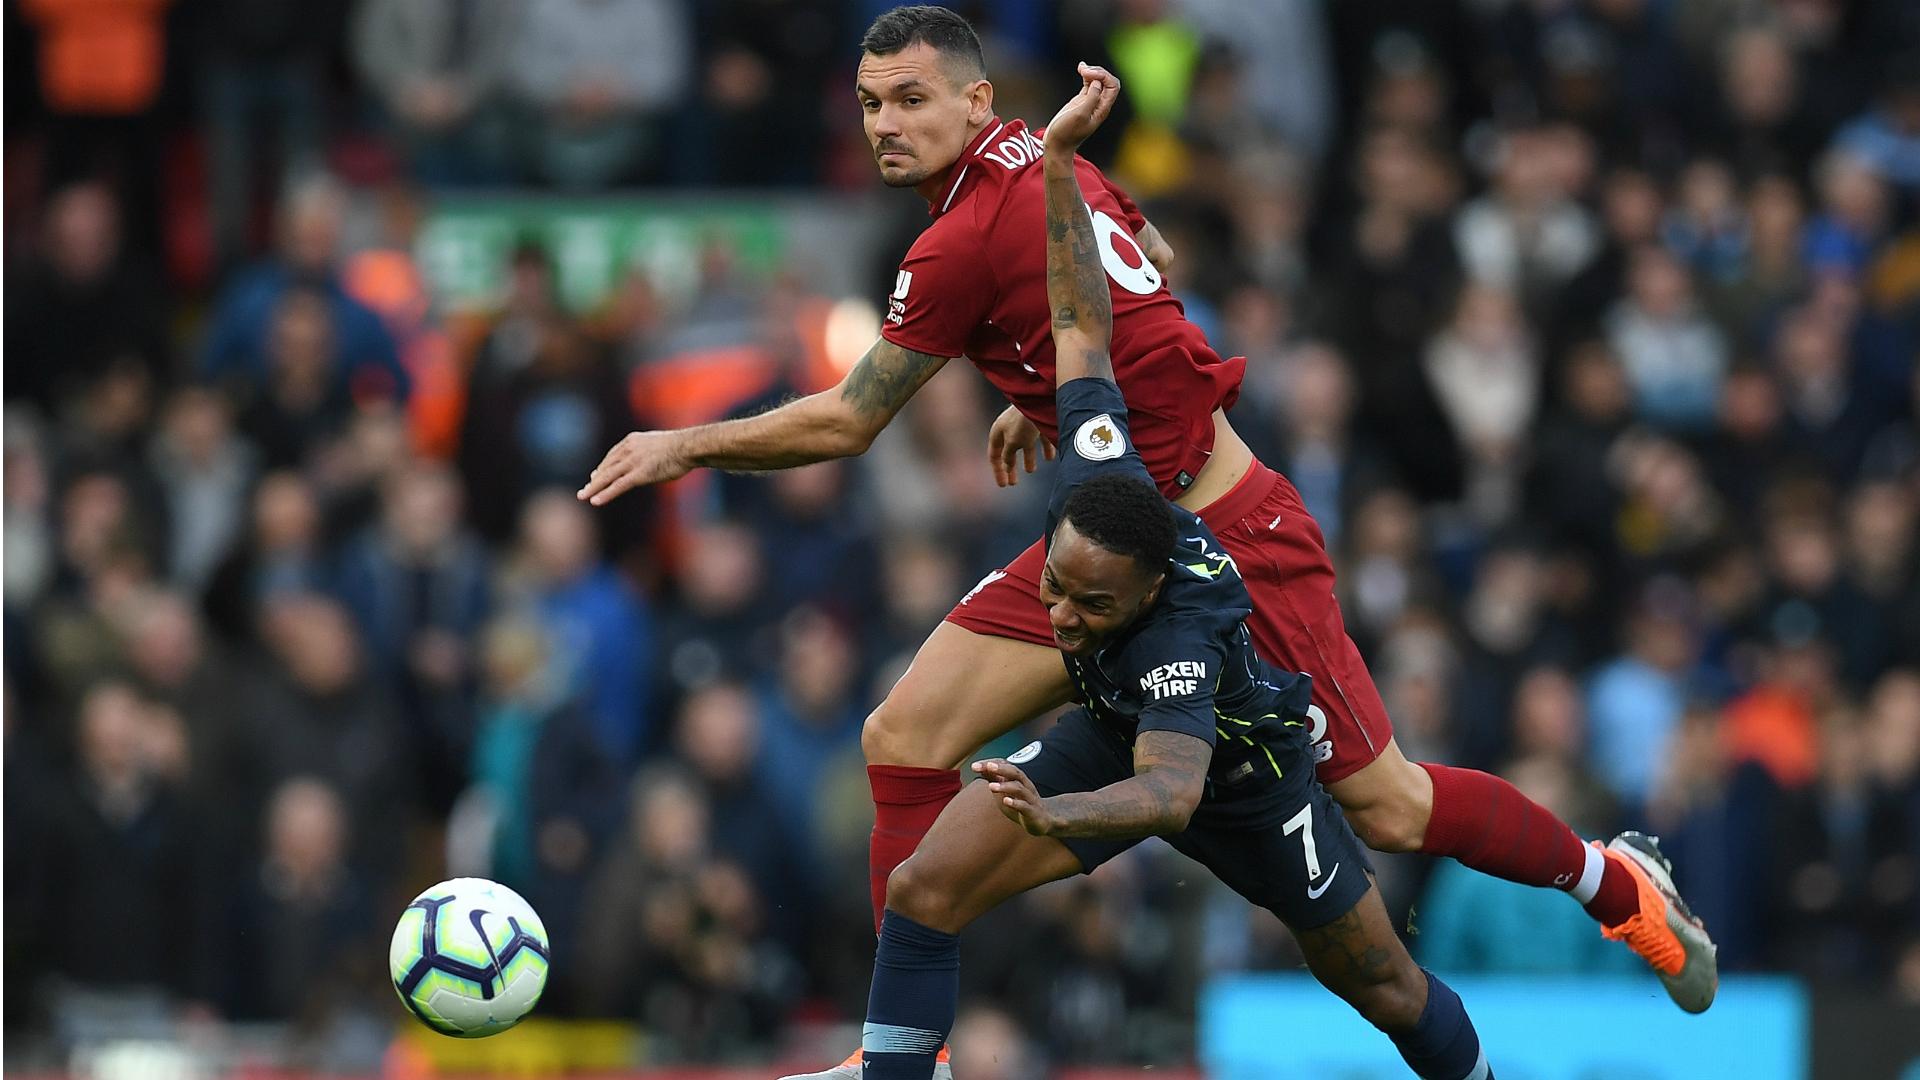 Dejan Lovren Daniel Sturridge Liverpool Manchester City EPL 07102018